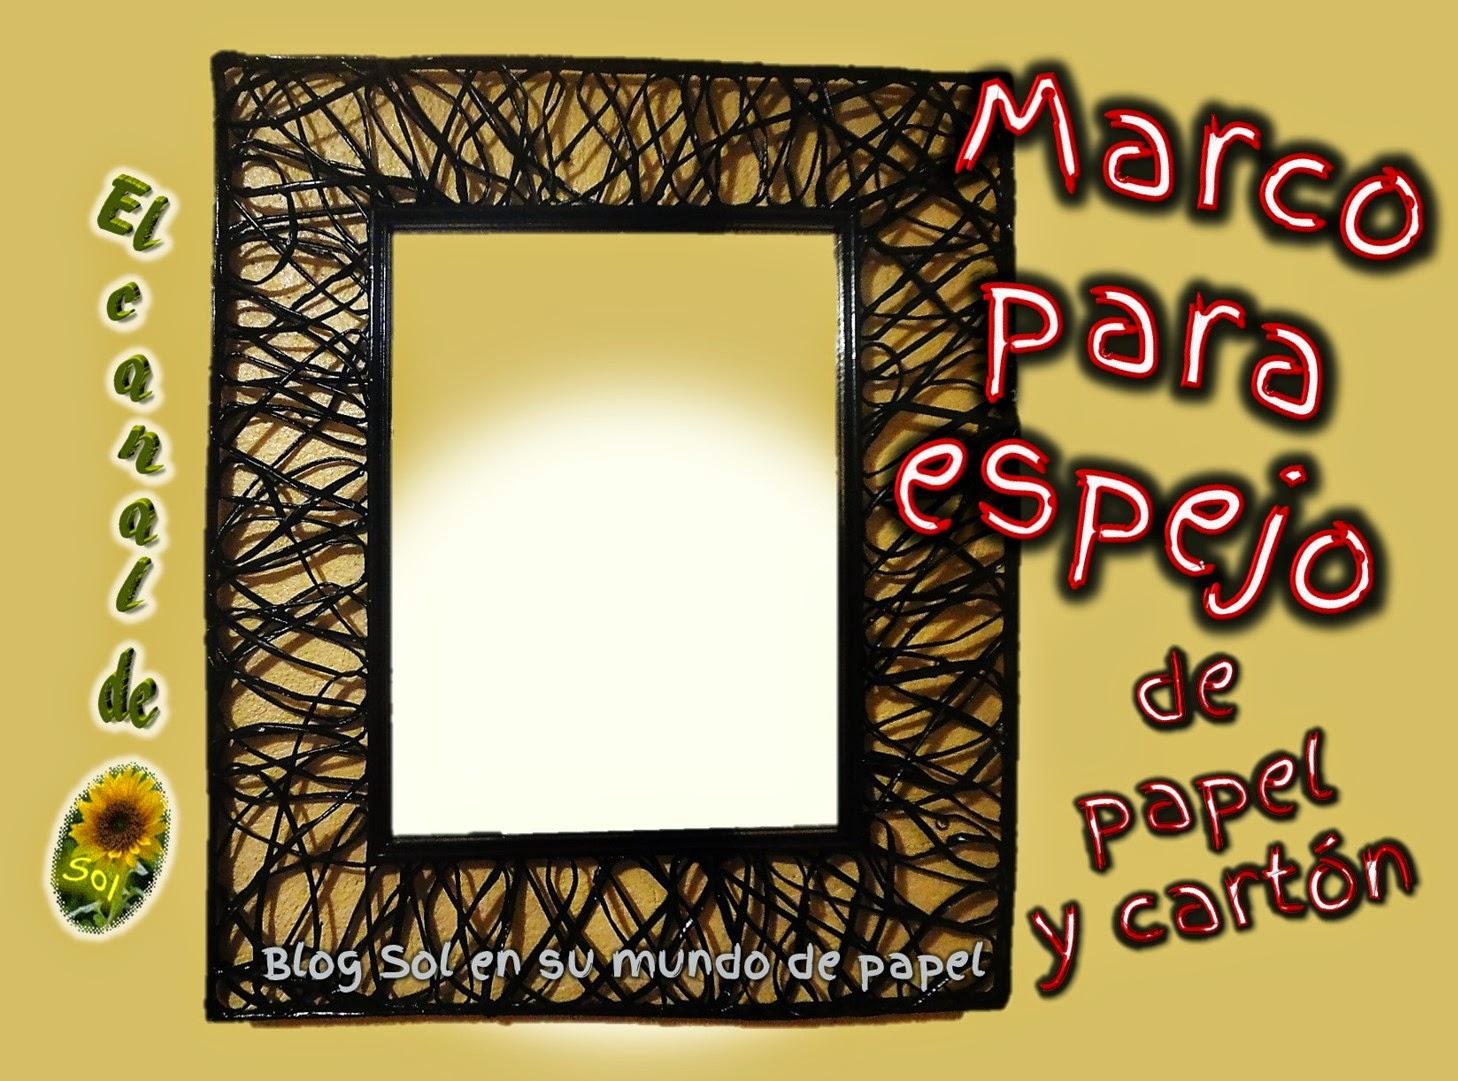 Marco para espejo de papel y cart n - Hacer marco espejo ...